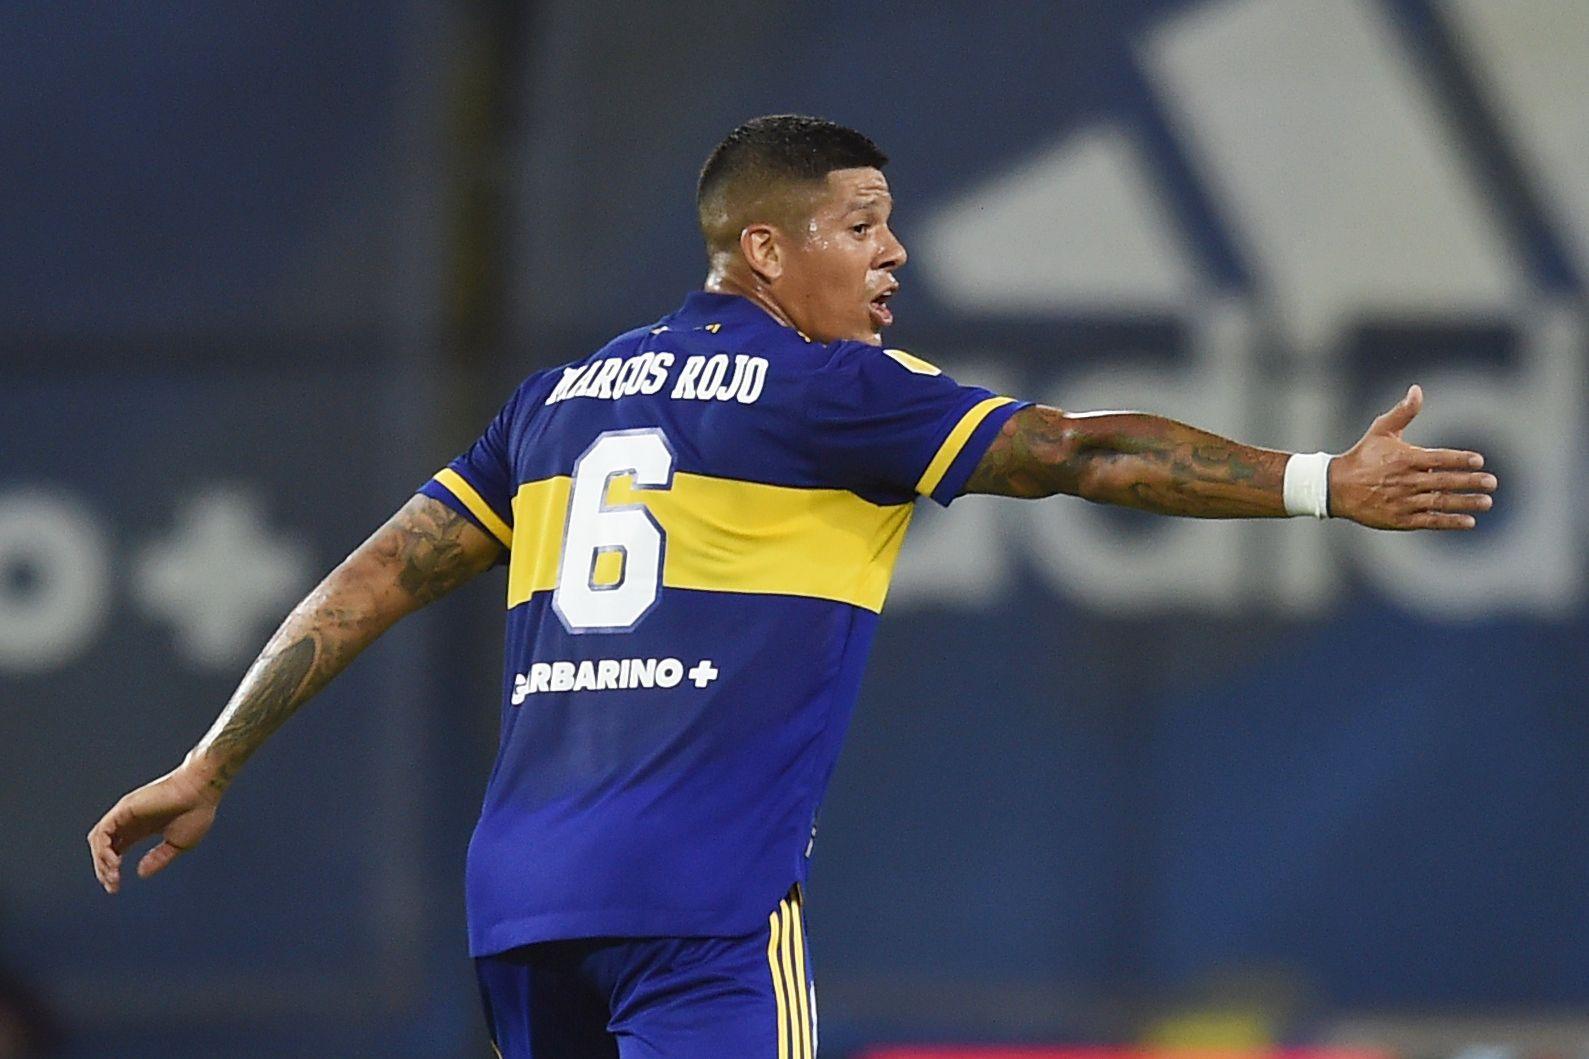 Marcos Rojo mostró buen juego aéreo pero evidenció algunas fallas en la última línea de Boca (REUTERS/Marcelo Endelli)